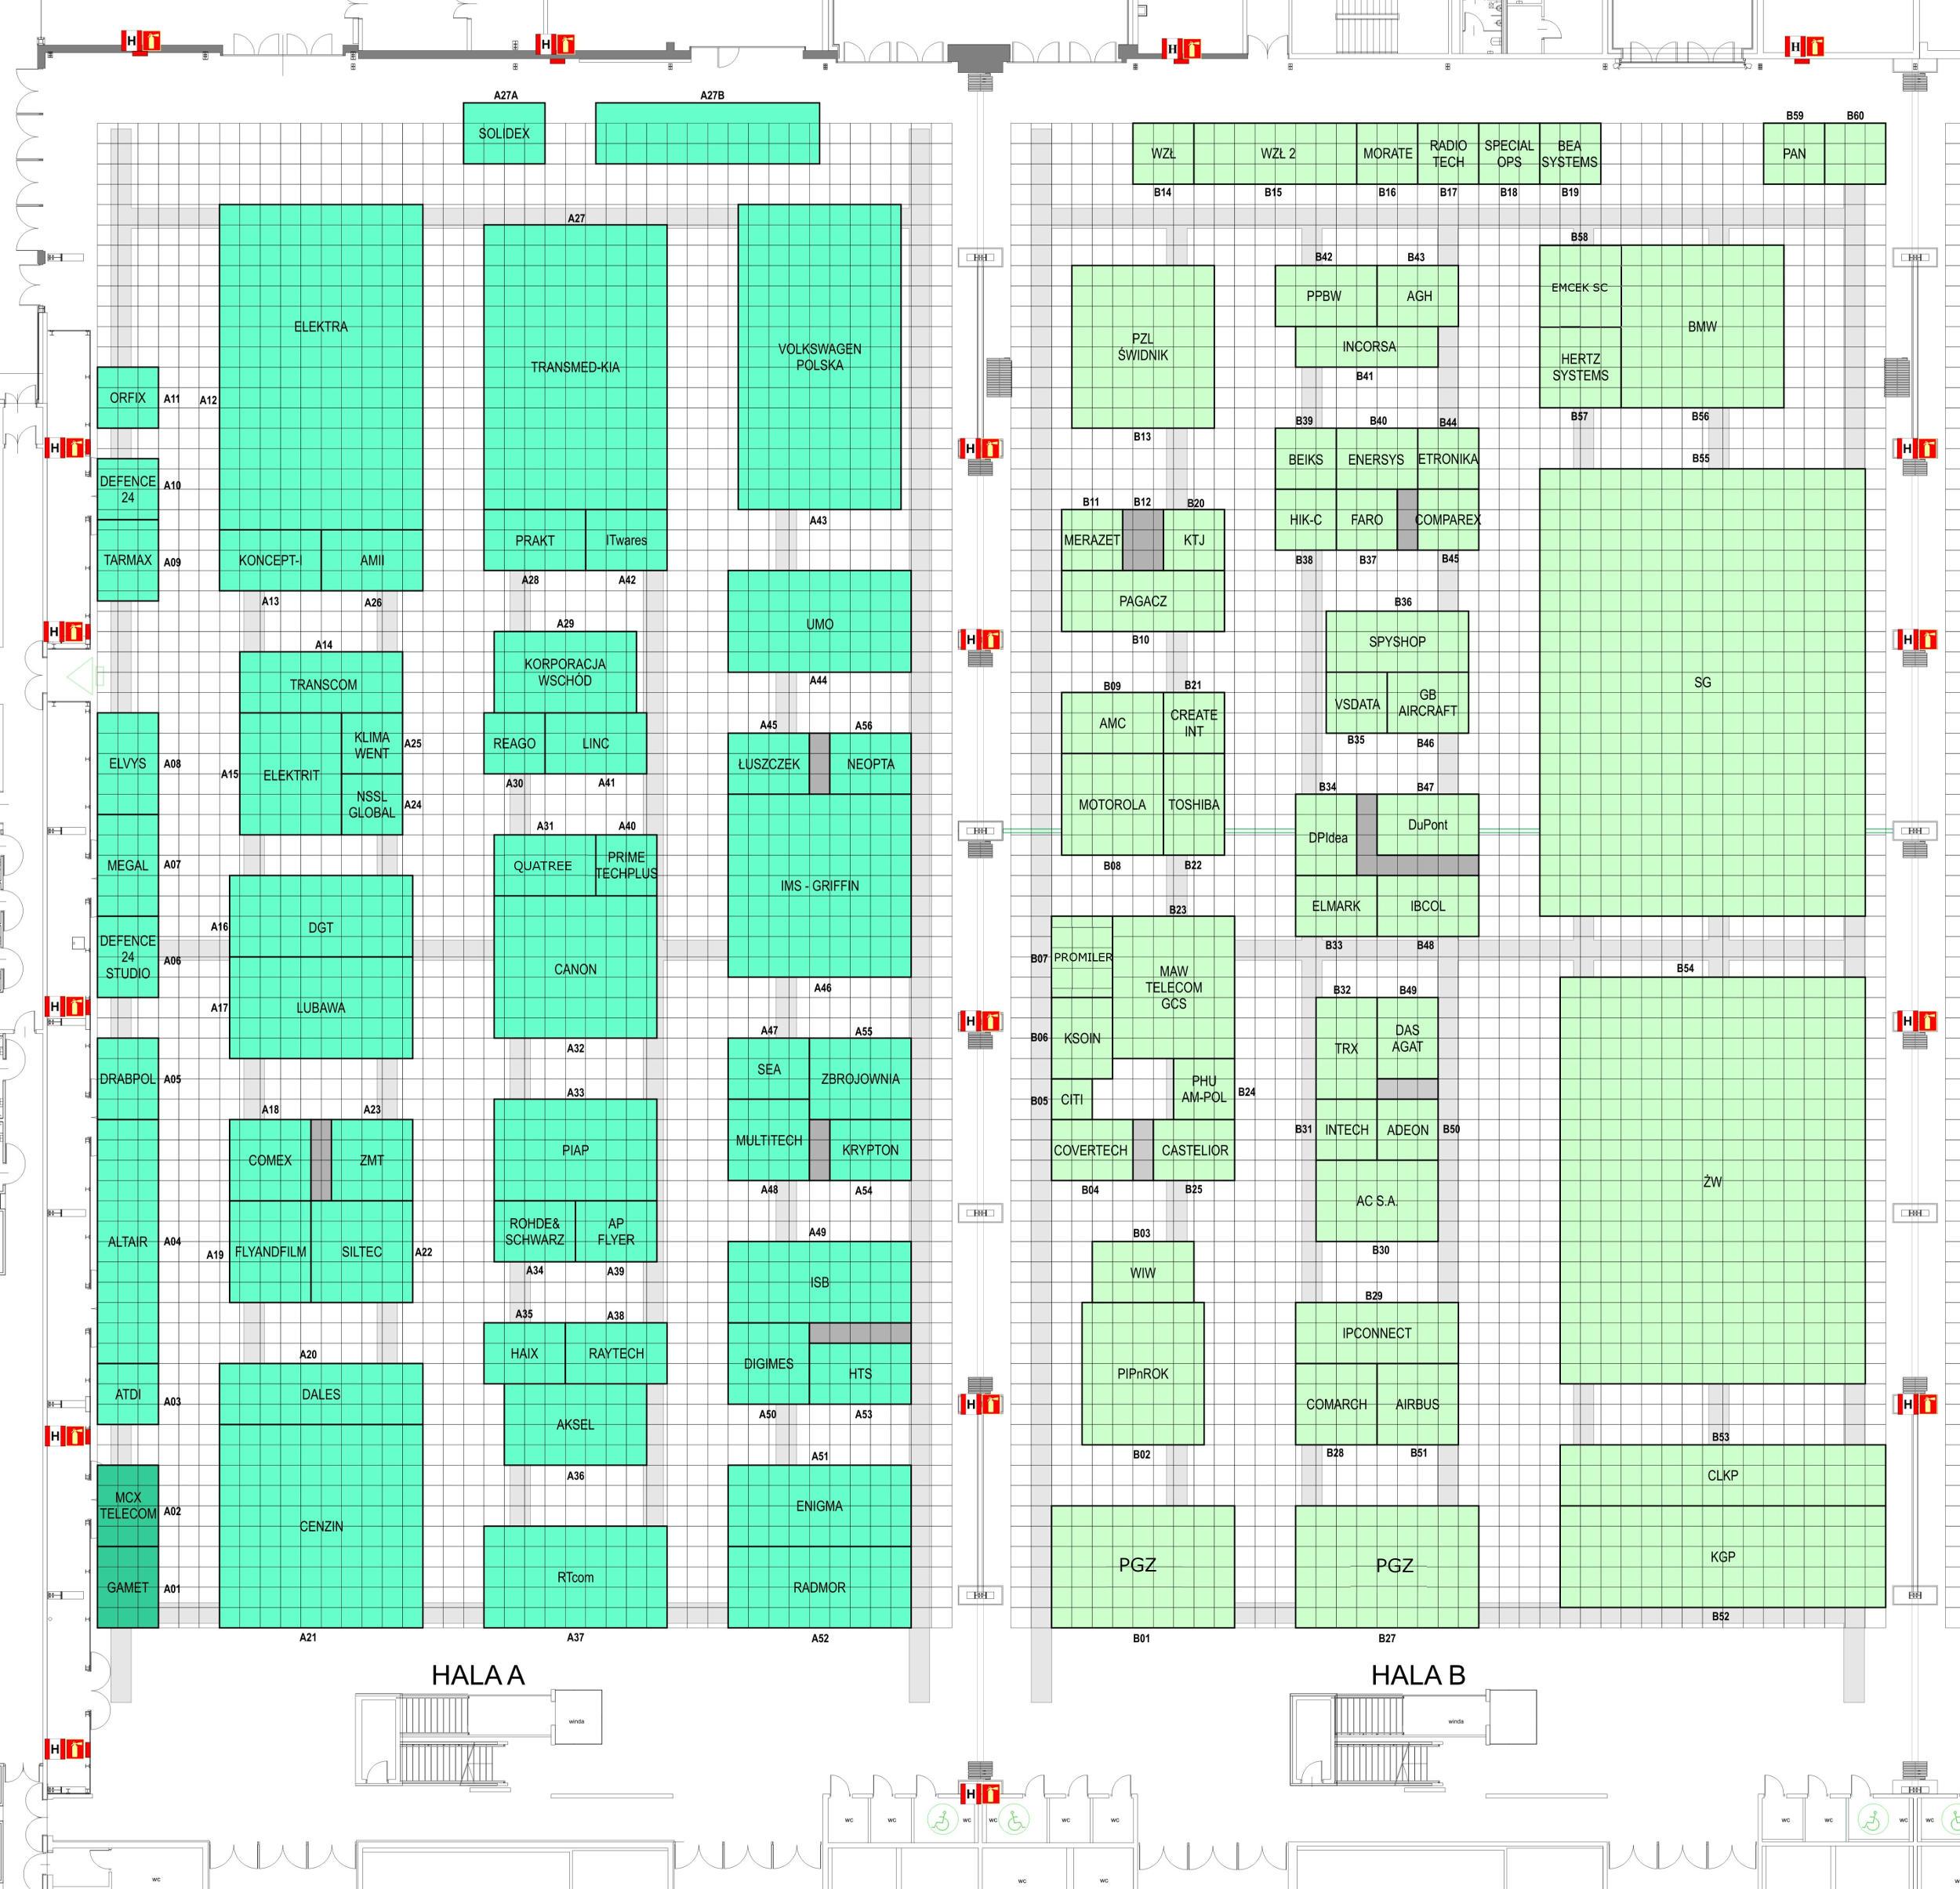 Europoltech-2017-plan-ekspozycji-wystawcy